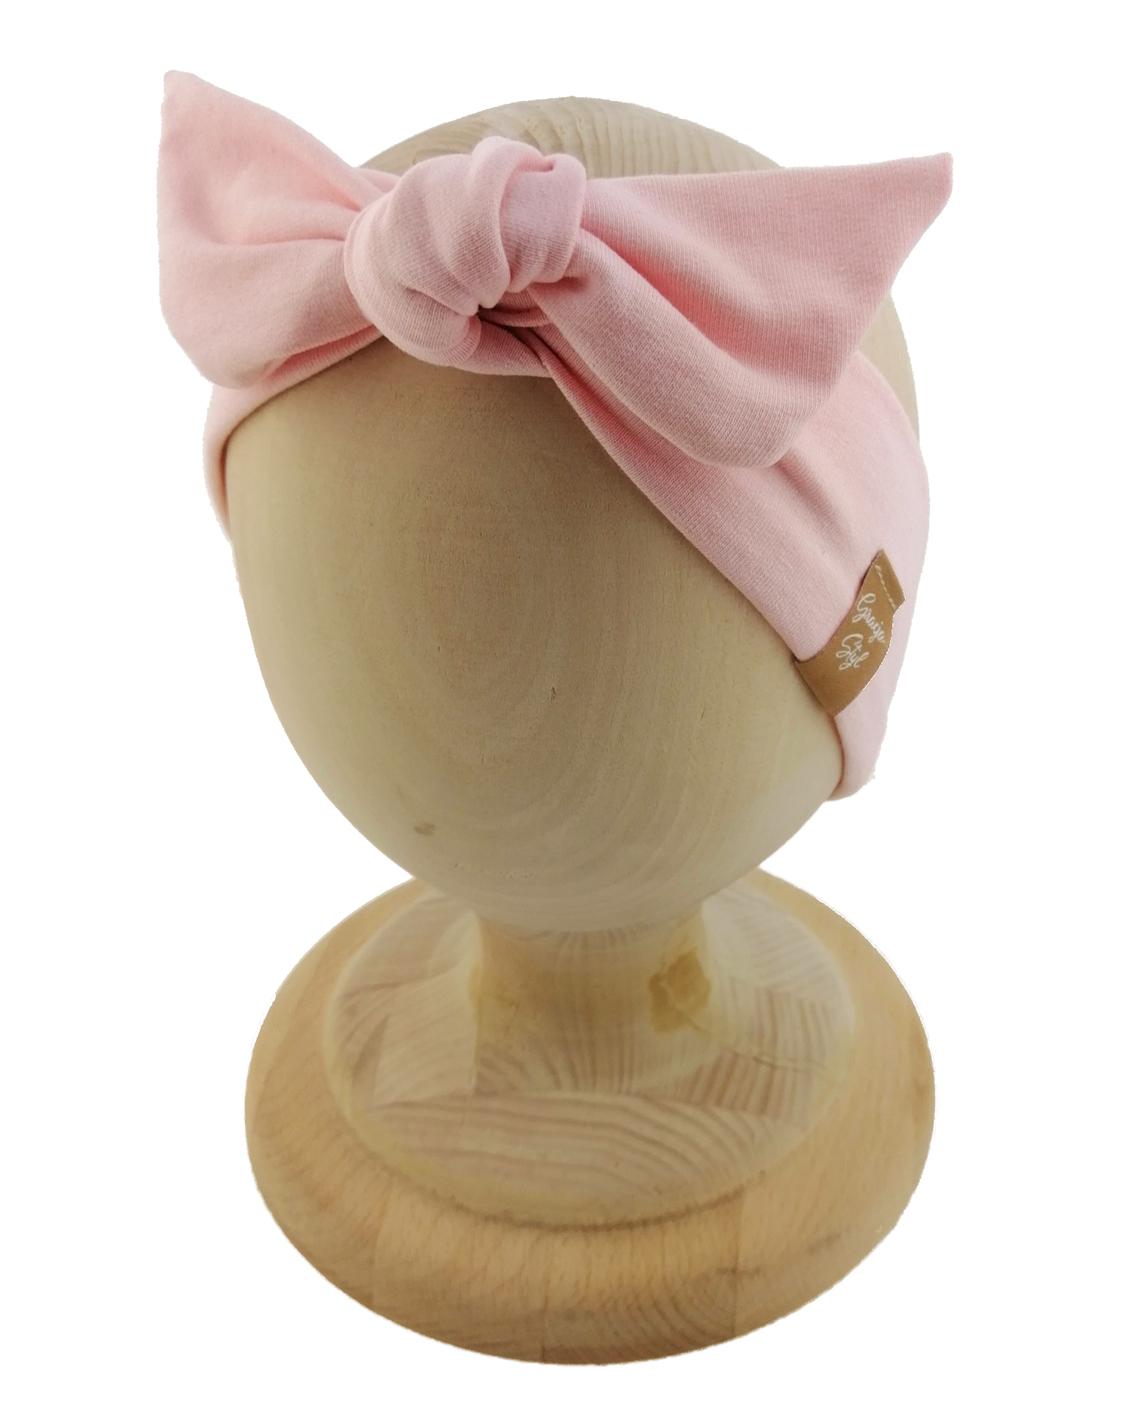 Opaska kobieca typu Pin-up marki Gracja Styl. Uszyta z bawełny petelkowej typu dresówka. Kolor różowo-łososiowy.